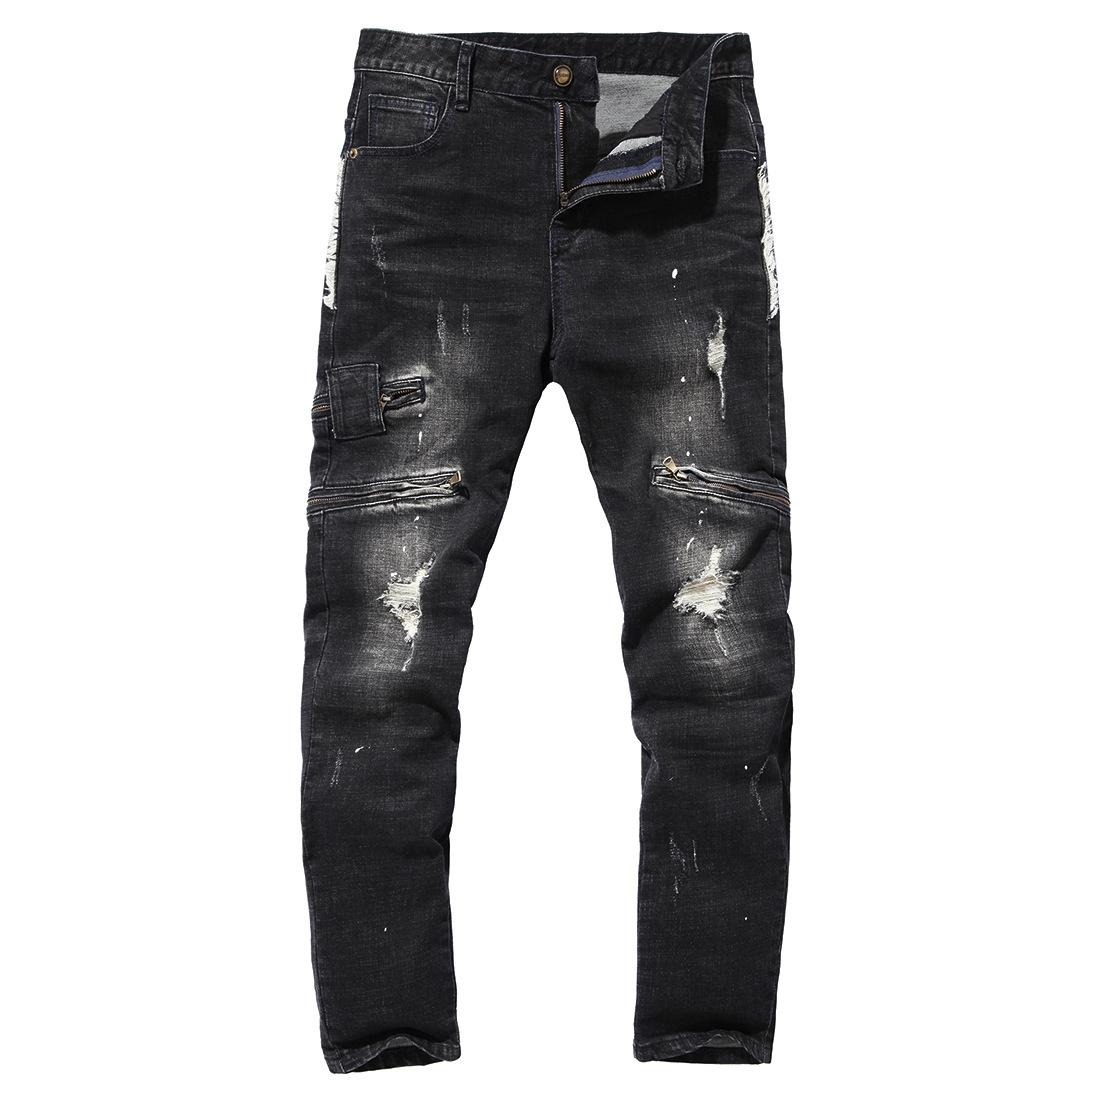 af8808f9163 2017 Pierced Men 's Jeans Cotton Jeans Pants Pocket Pants black 29 ...